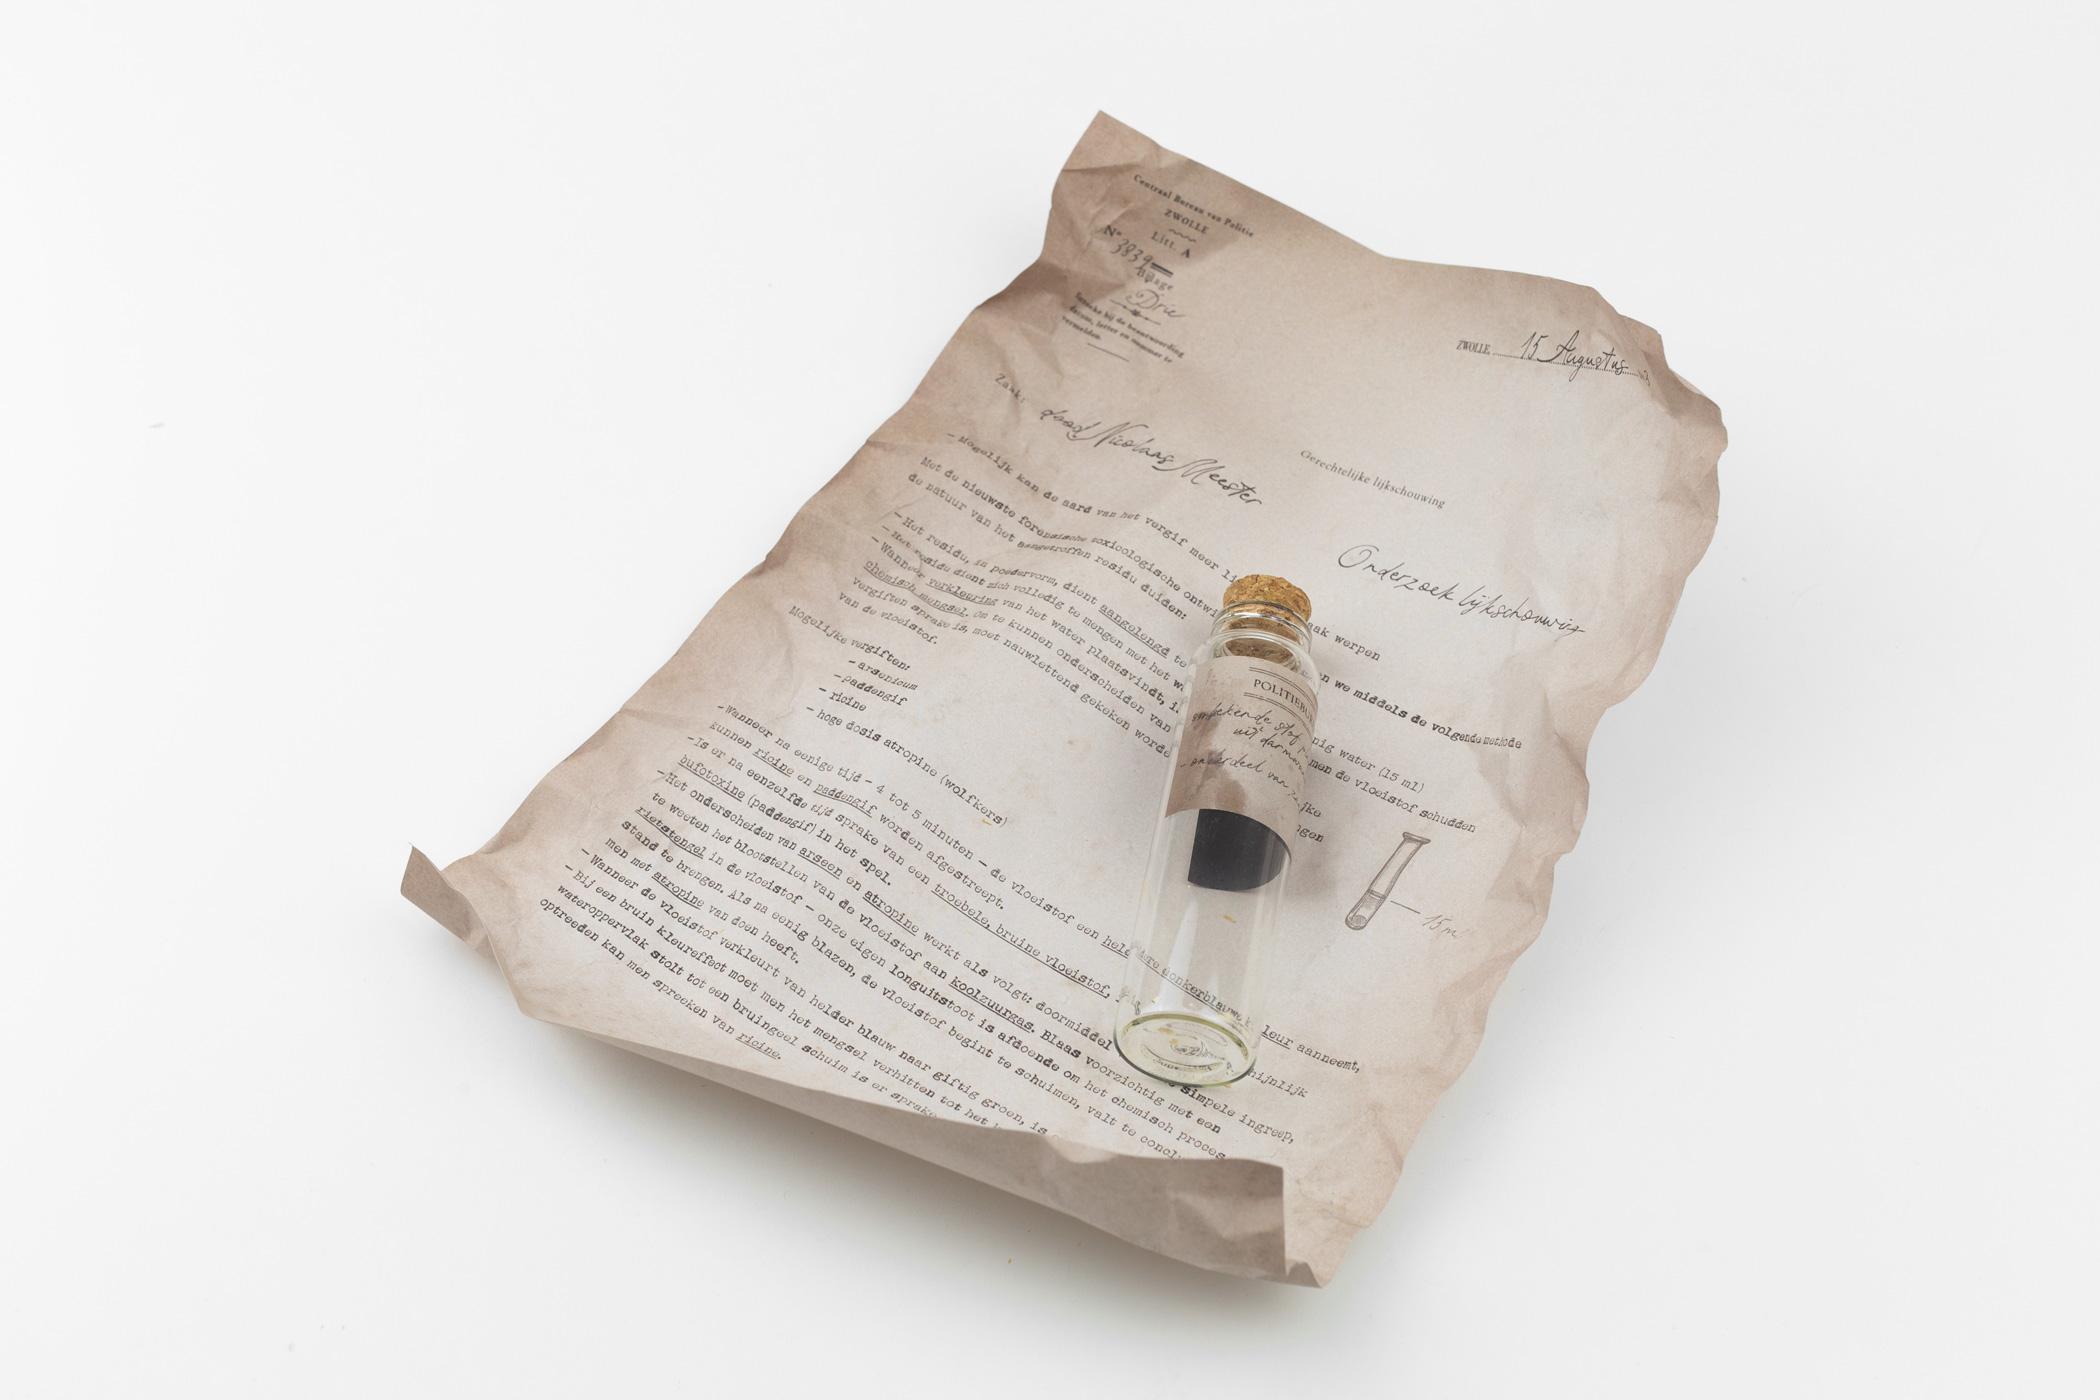 Studio Stamp kwam naar De Monsterkamer om papier vinden voor de puzzel Meester, 1883. Verhalen door middel van puzzel en interacties